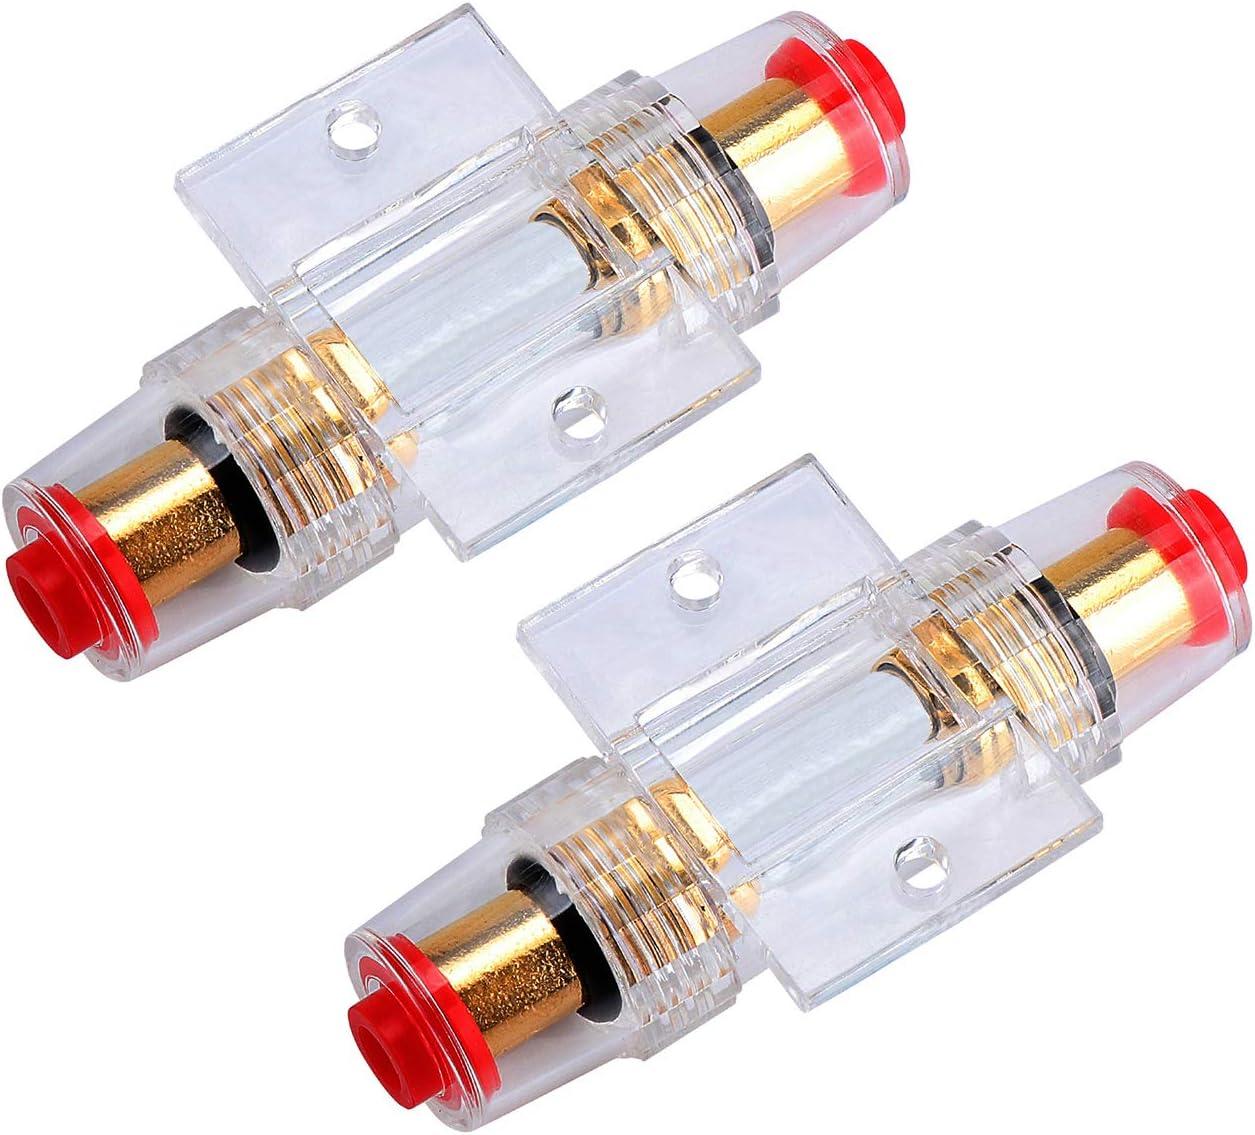 Kyrio 2pcs Agu Inline Sicherungshalter Mit 60a Agu Sicherungen Für Auto Alarmverstärker Kompressoren Auto